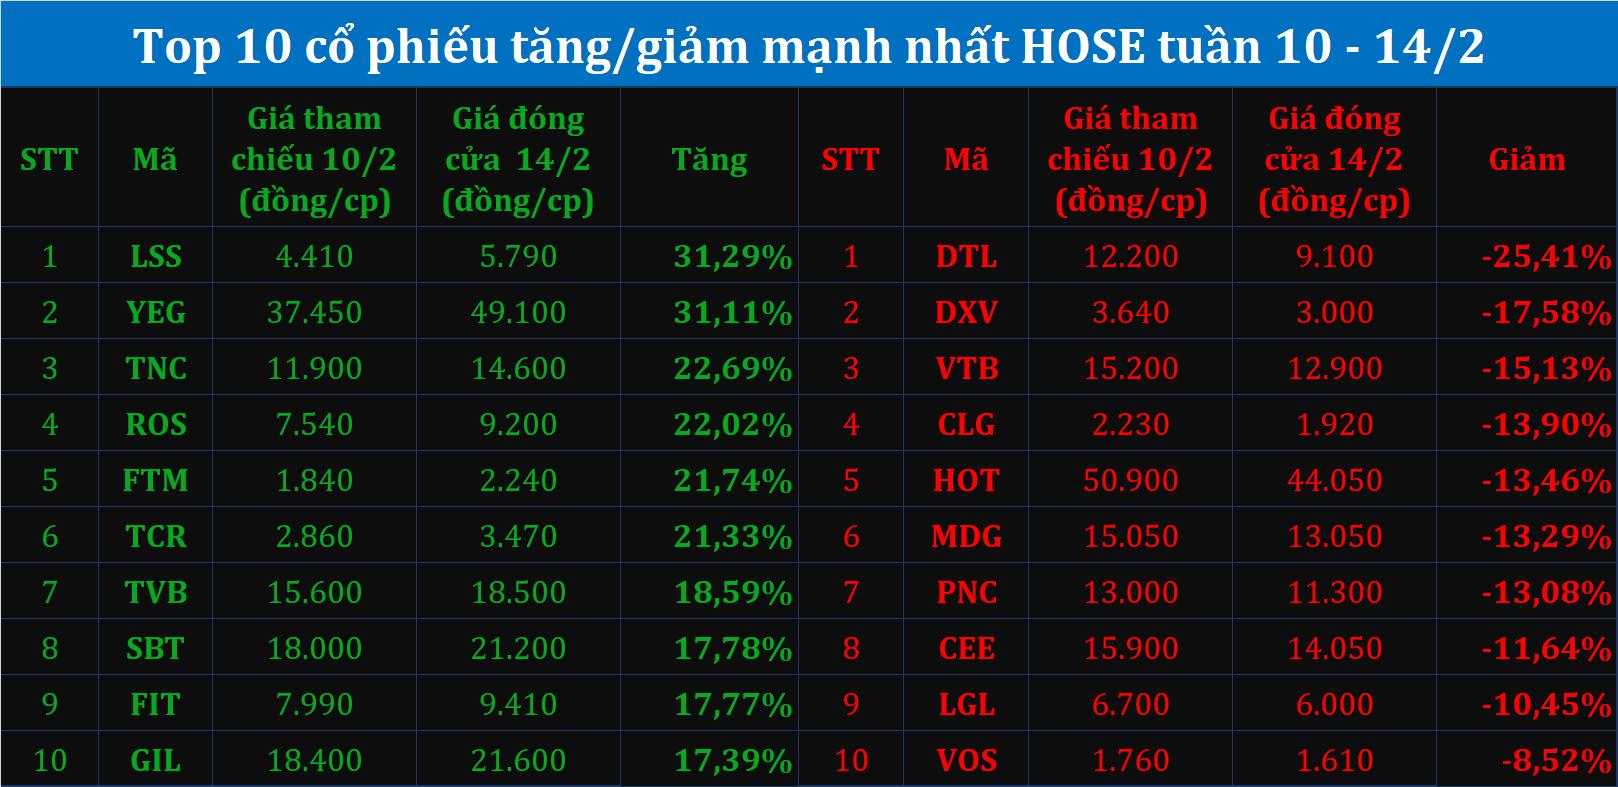 Top10 tăng giảm tuần 10 - 14/2: Vị ngọt của cổ phiếu đường, YEG và ROS hồi phục sau chuỗi ngày lao dốc - Ảnh 1.